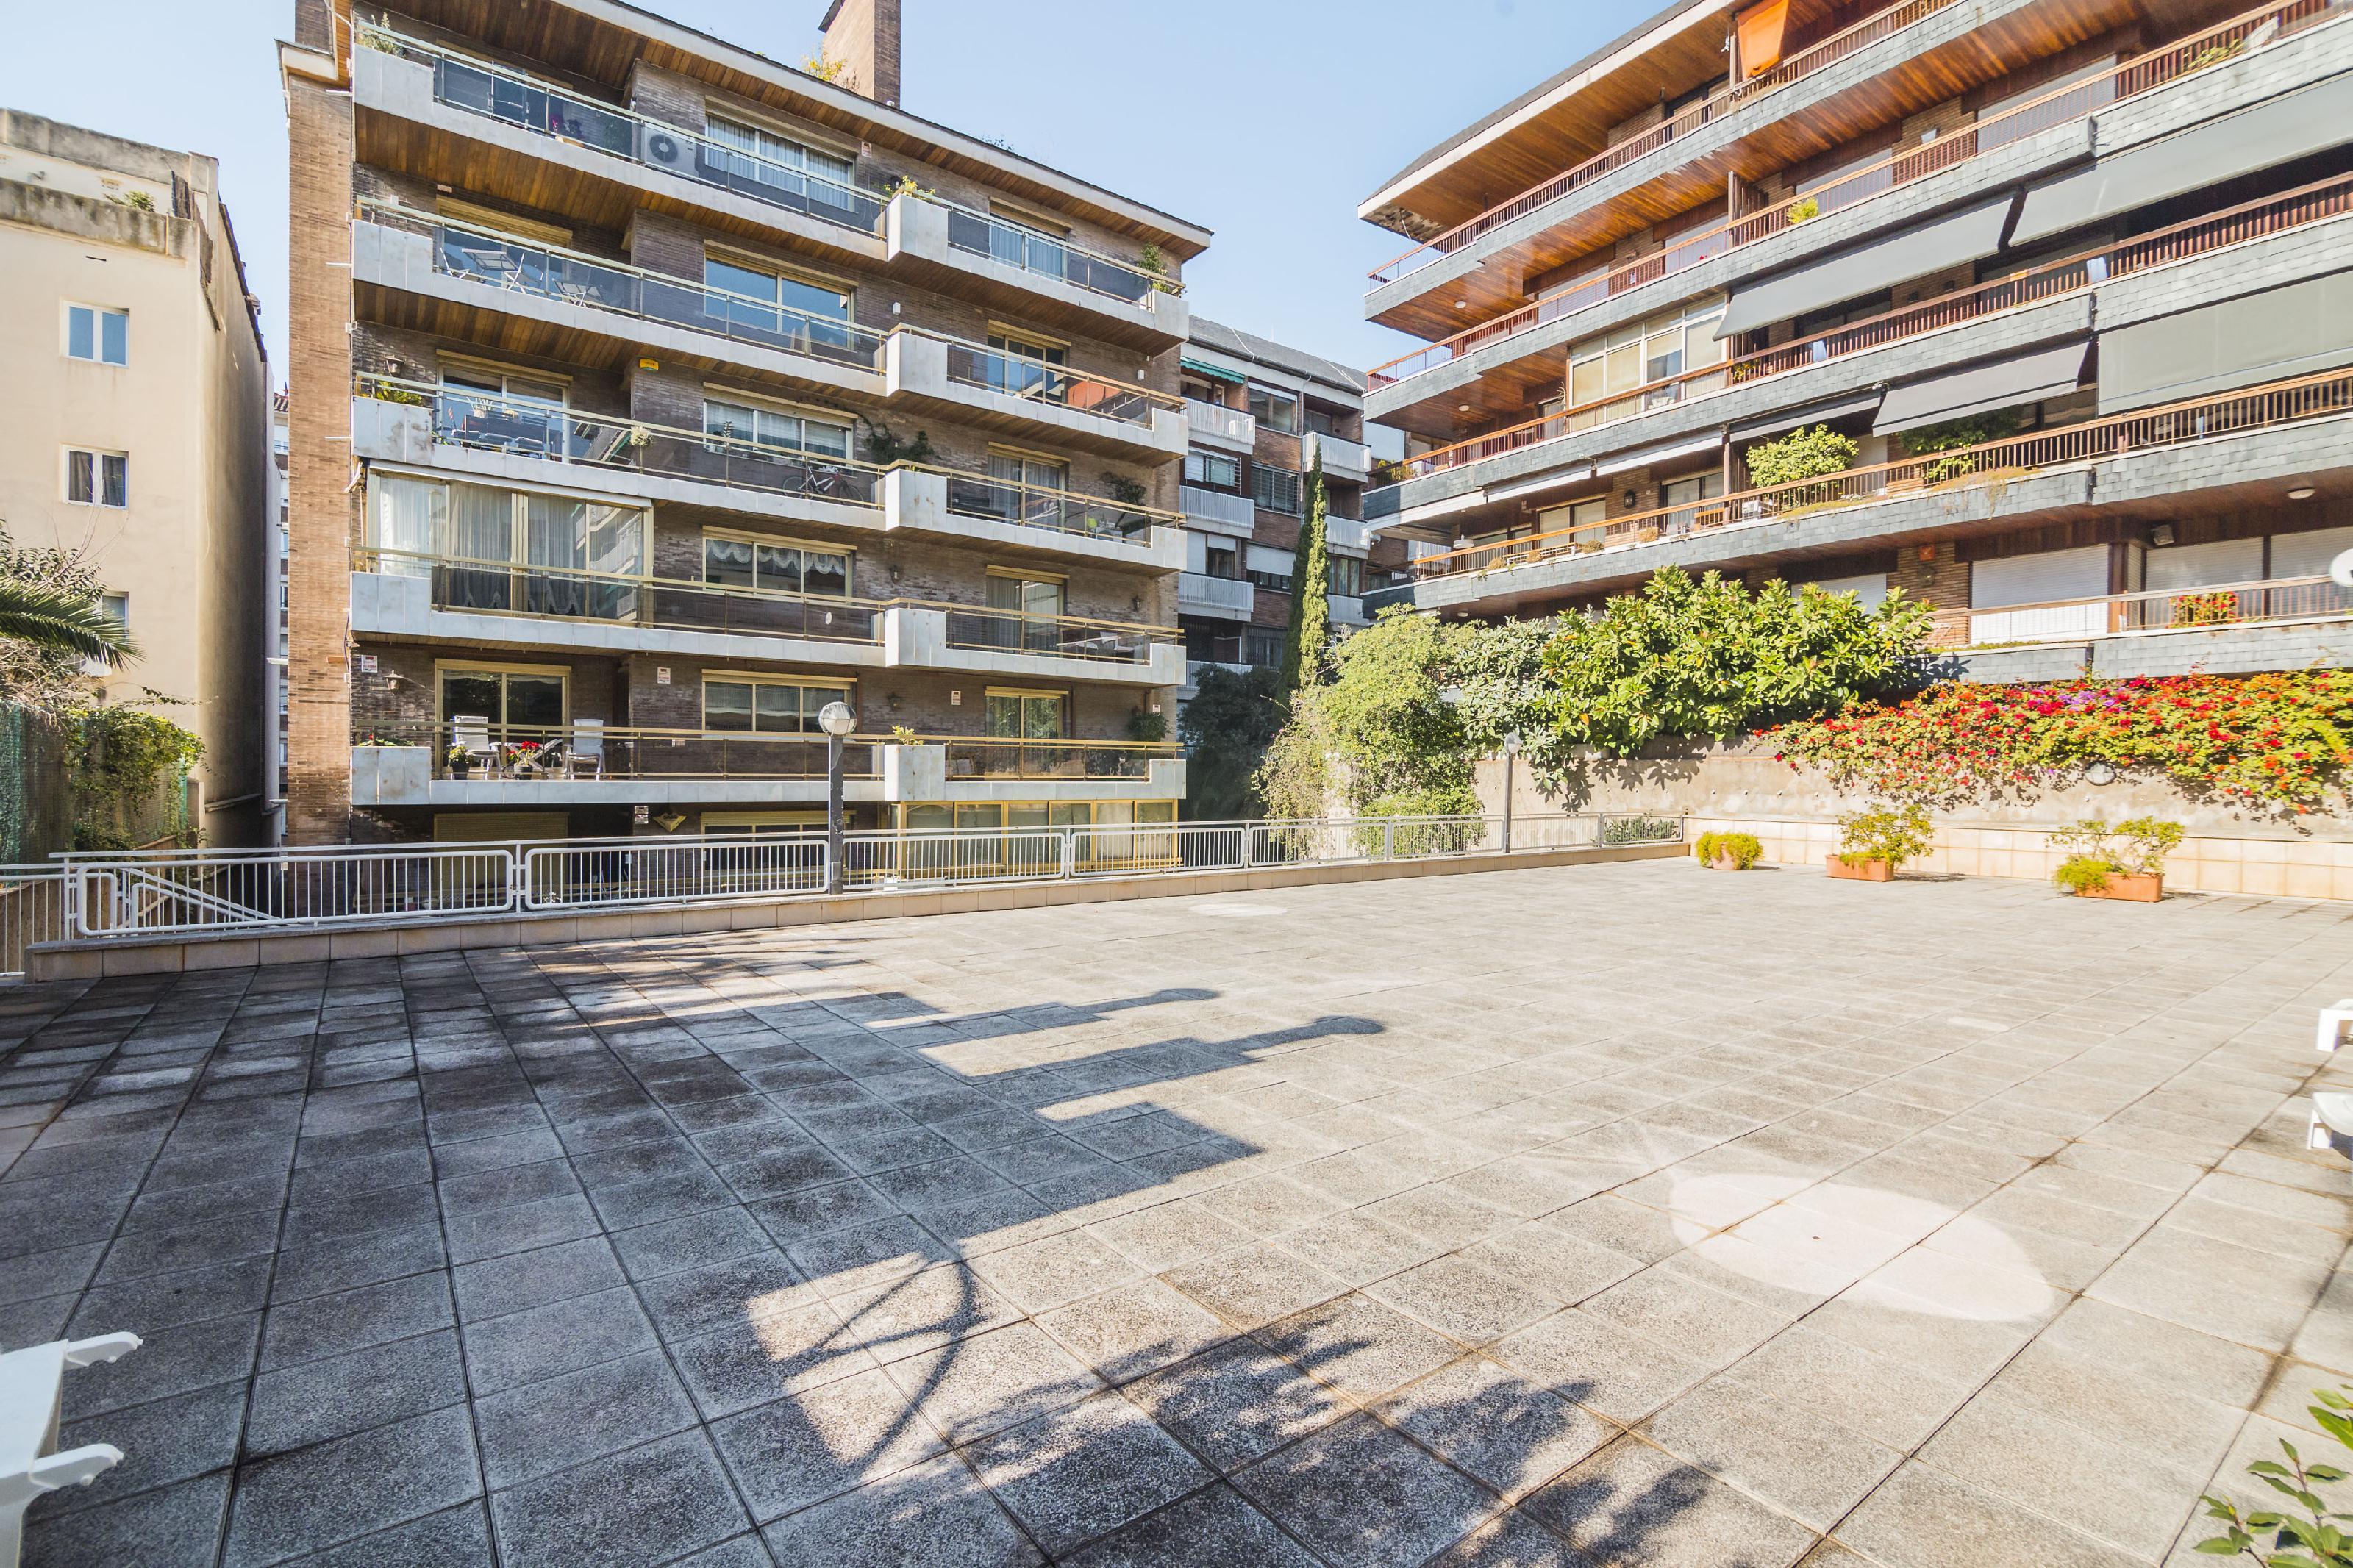 221811 Piso en venta en Sarrià-Sant Gervasi, Tres Torres 17